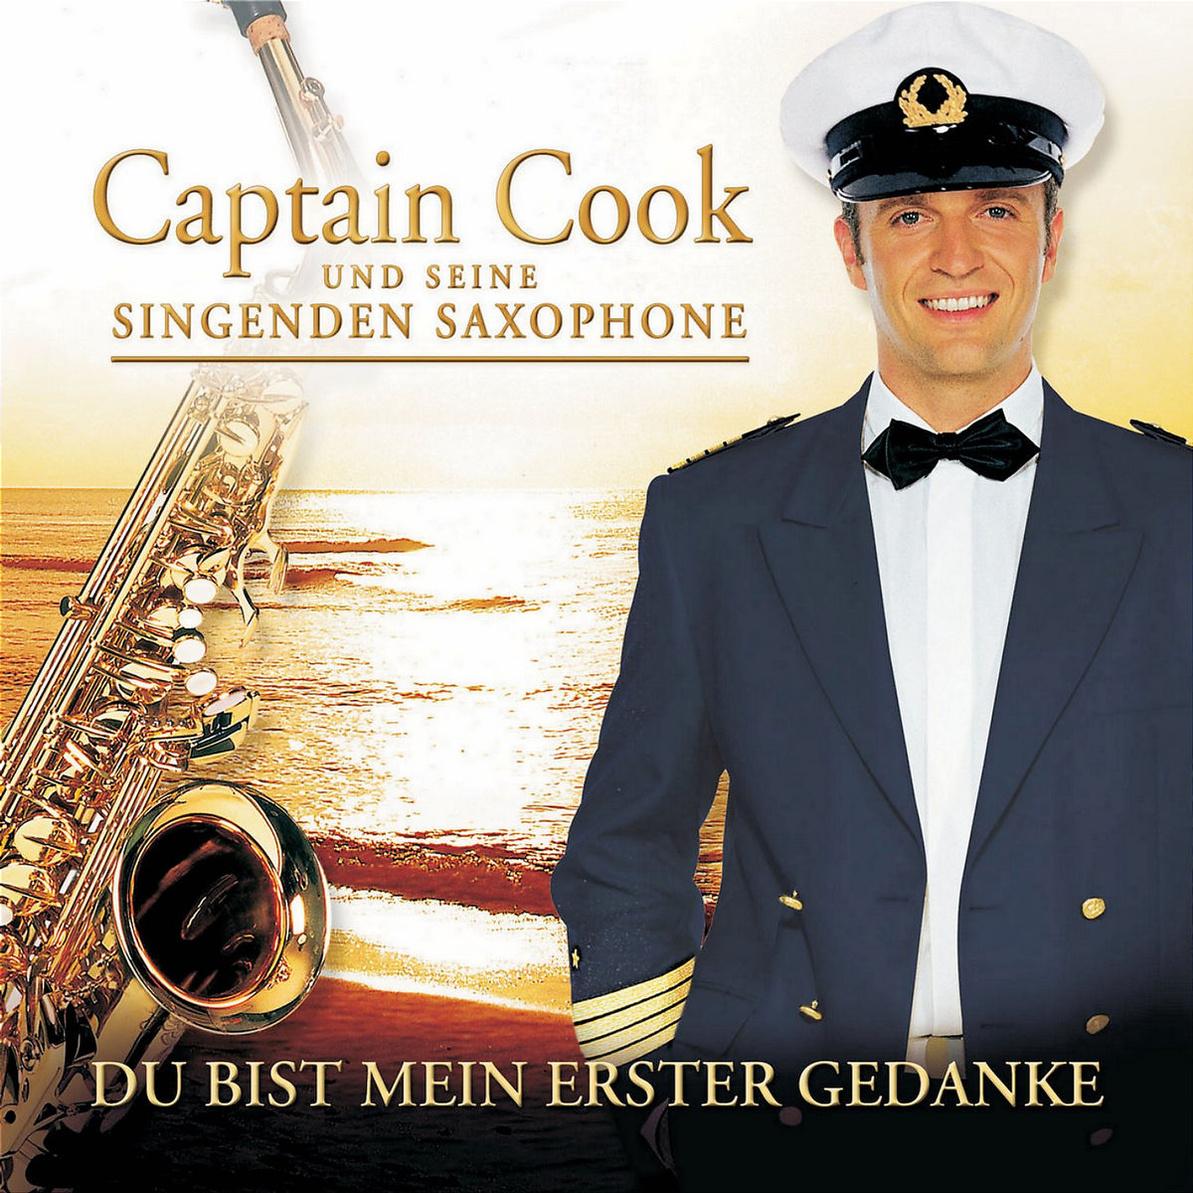 Captain Cook und seine singenden Saxophone - Du Bist Mein Erster Gedanke